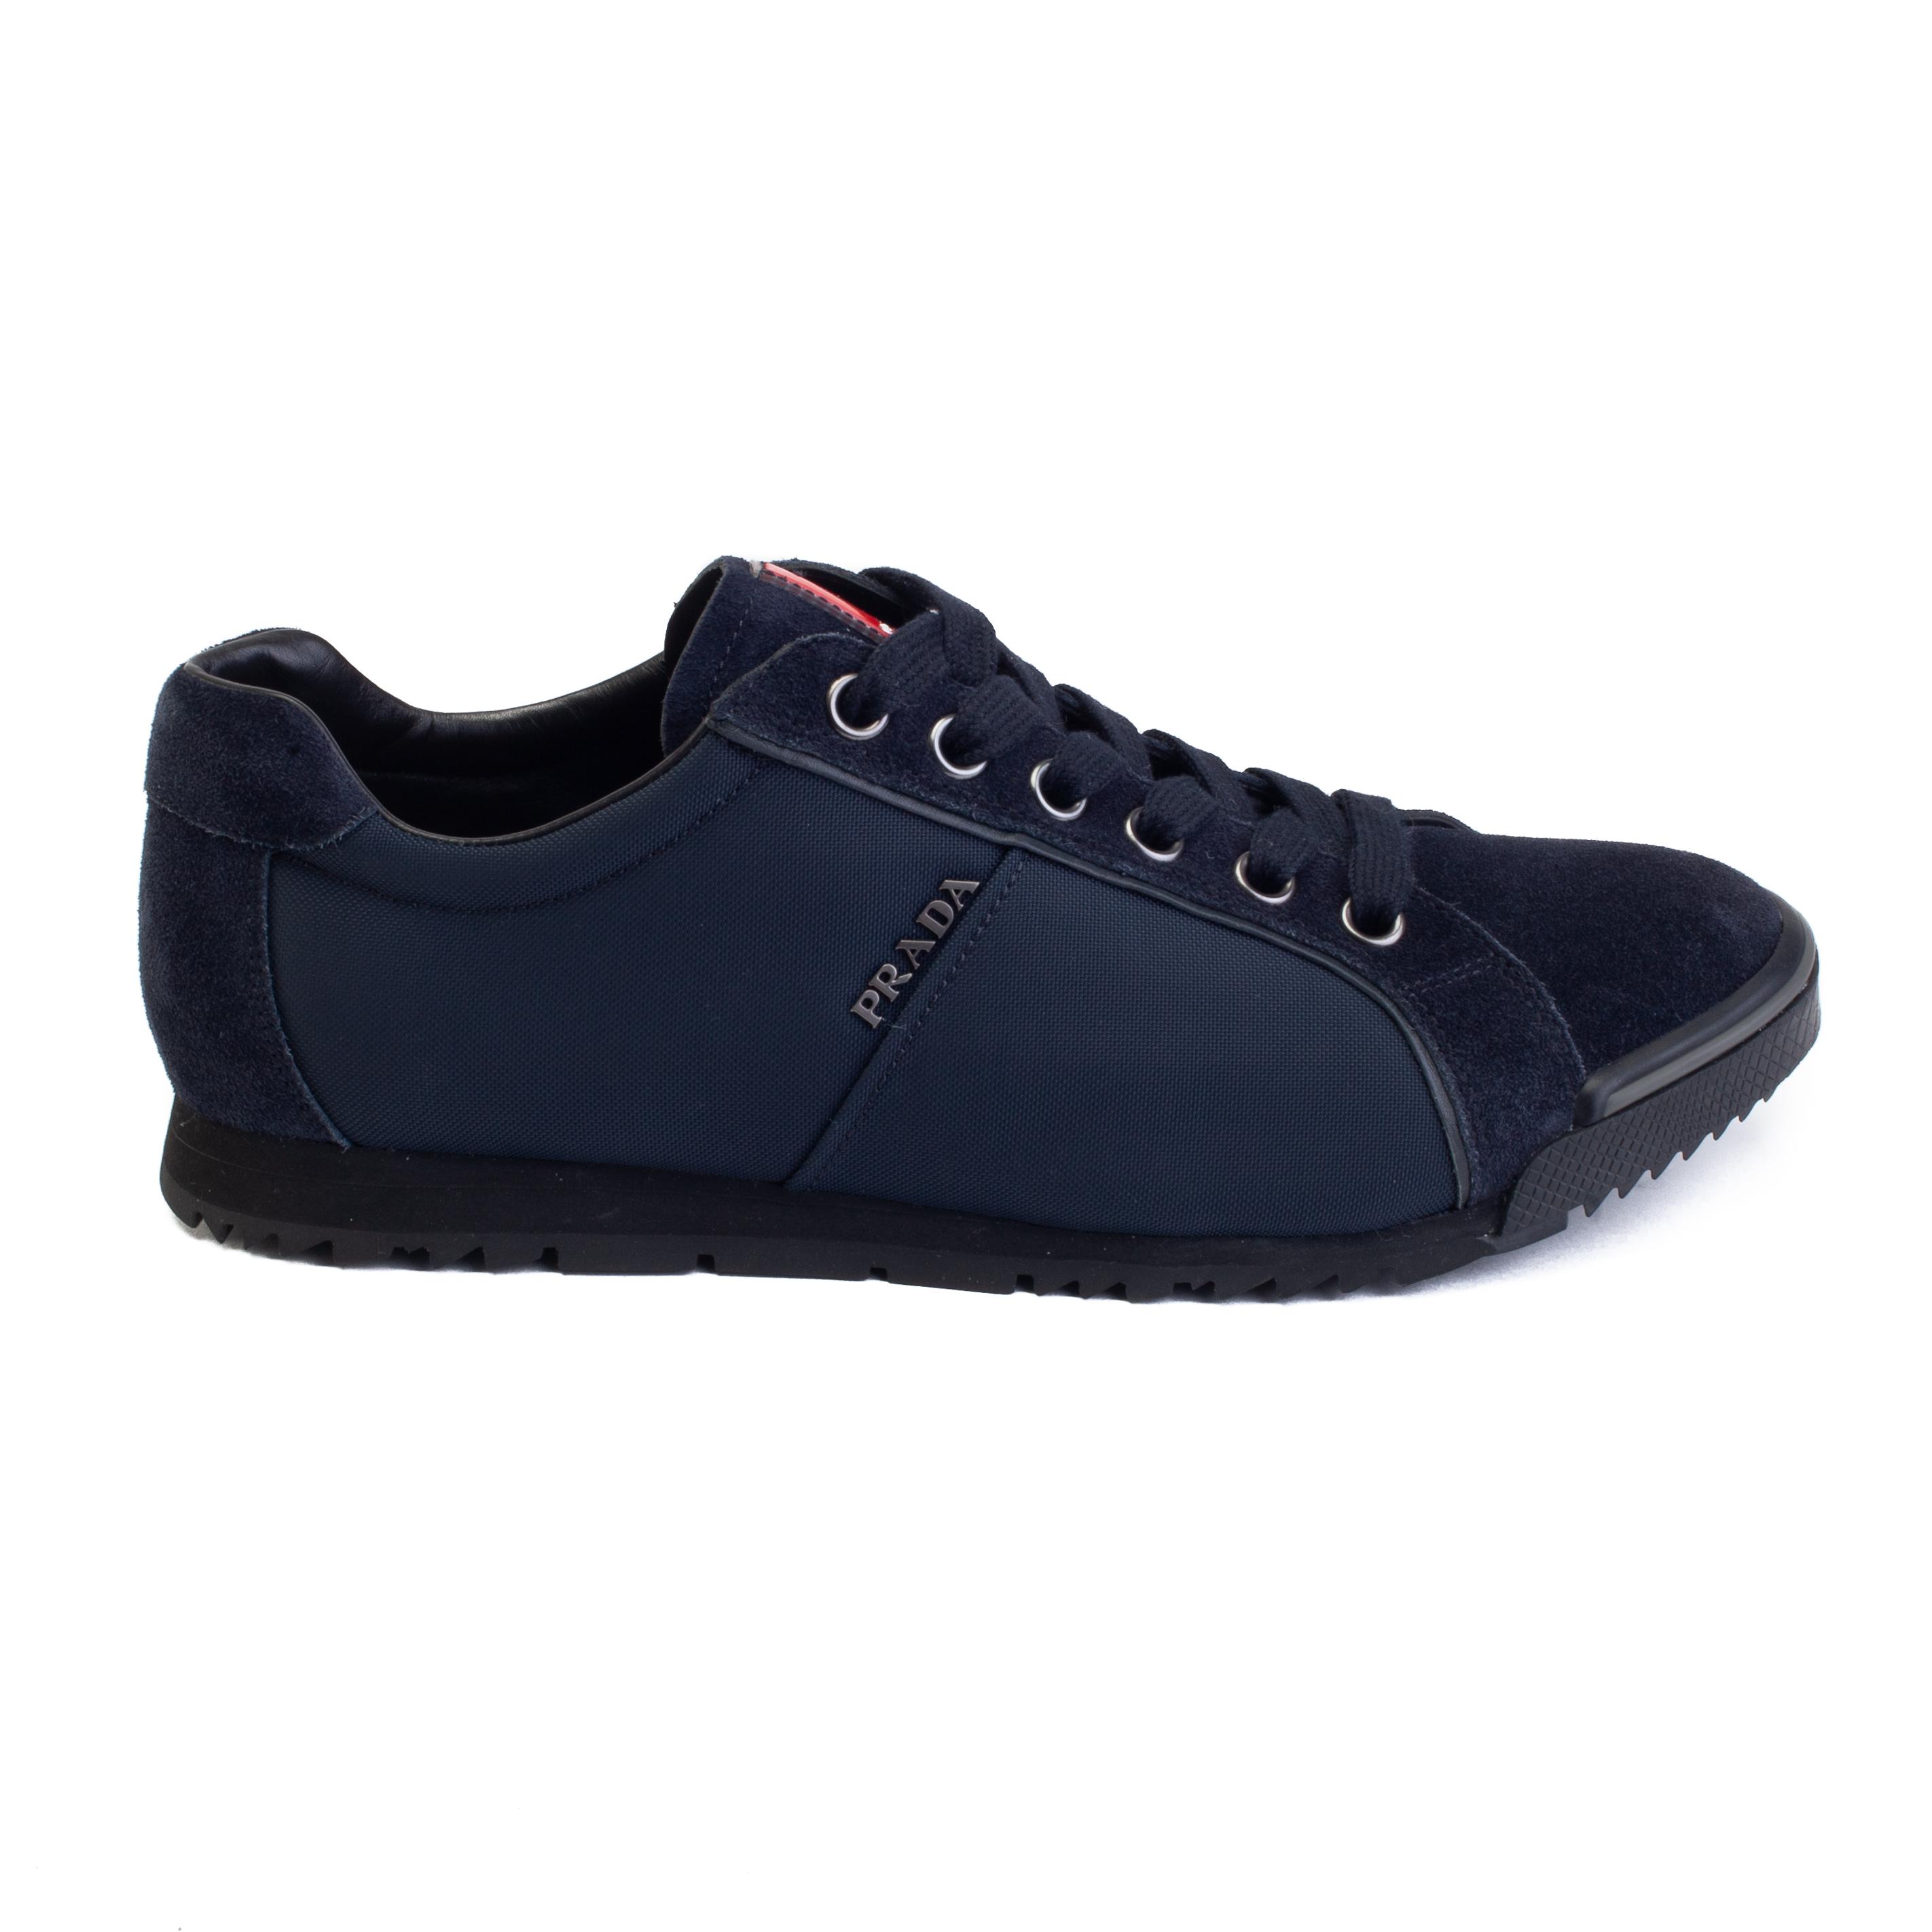 d46472b6068e14 Details about Prada Men's Suede Nylon Low-Top Sneaker Shoes Blue